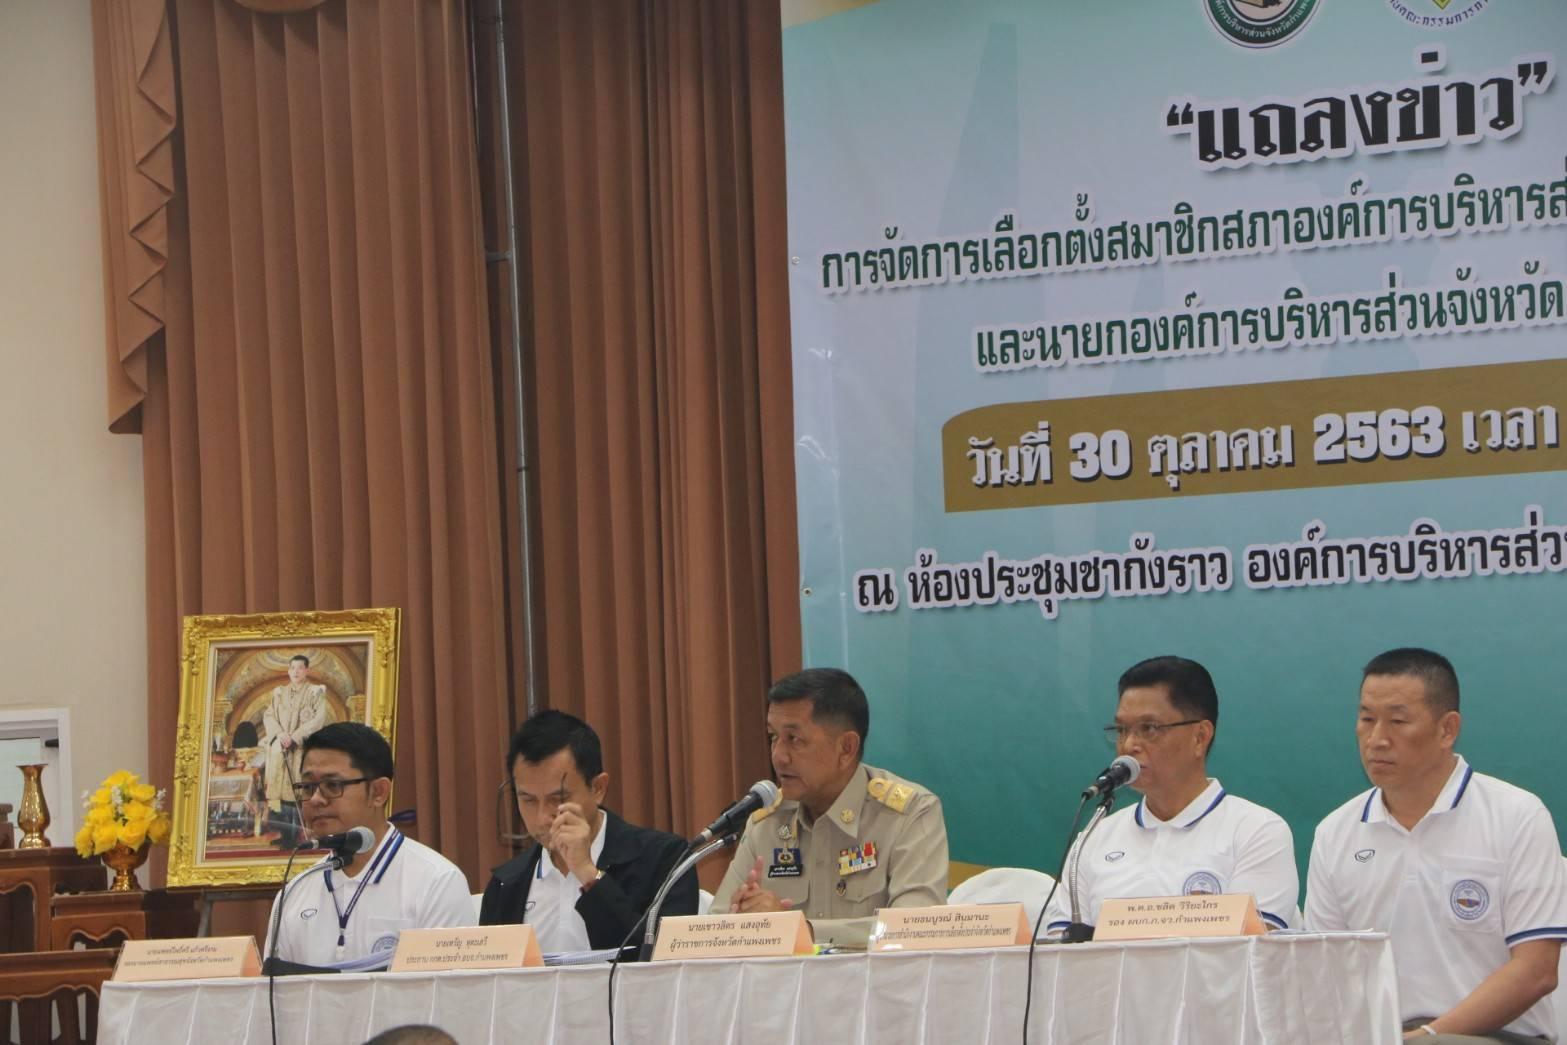 เข้าร่วมการประชุมแถลงข่าว การจัดการเลือกตั้งสมาชิกสภาองค์กรการบริหารส่วนจังหวัดกำแพงเพชร ณ ห้องประชุมชากังราว